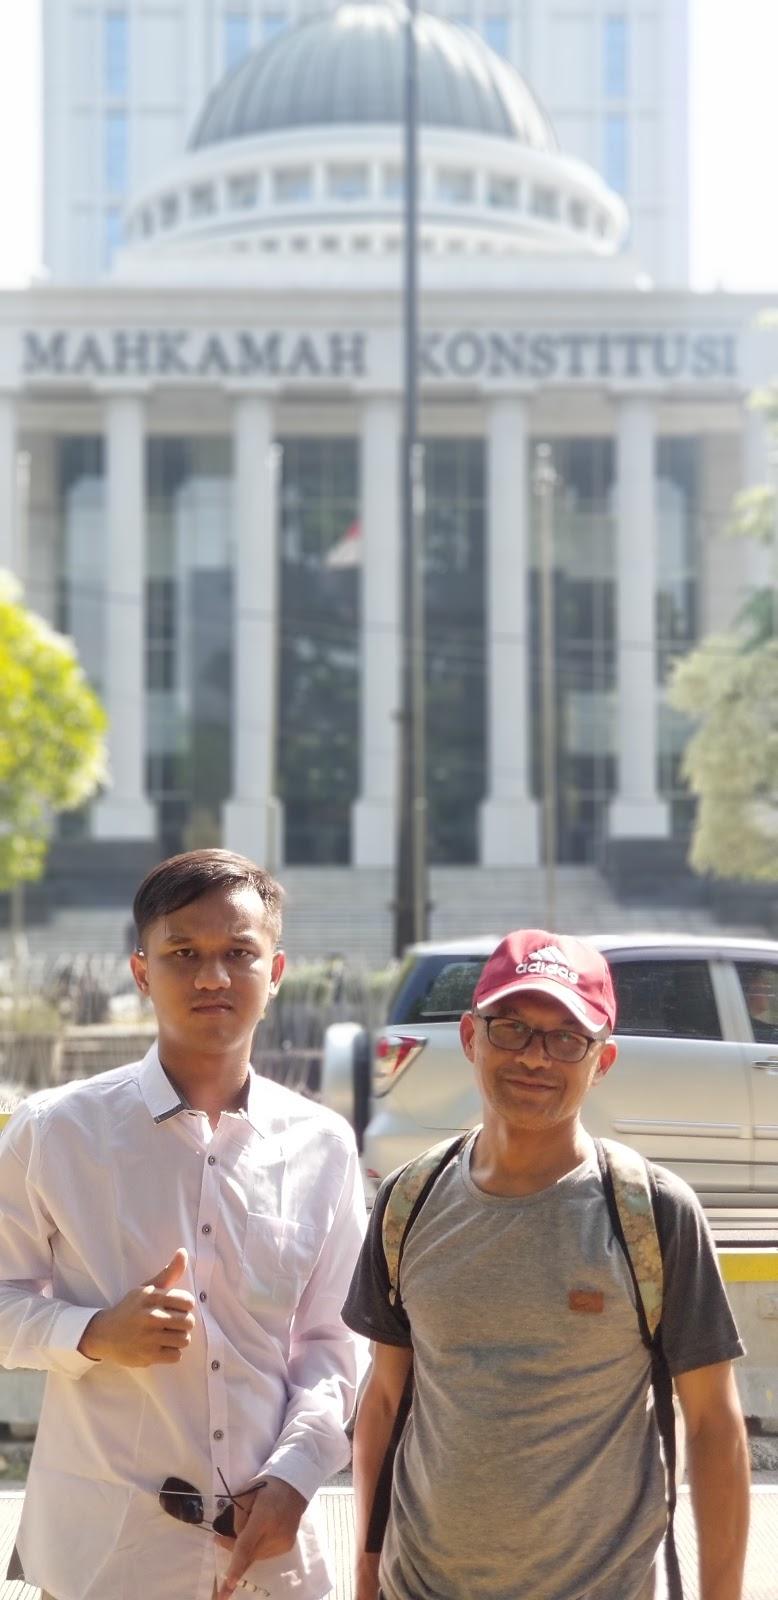 Demo di Mahkamah Konstitusi